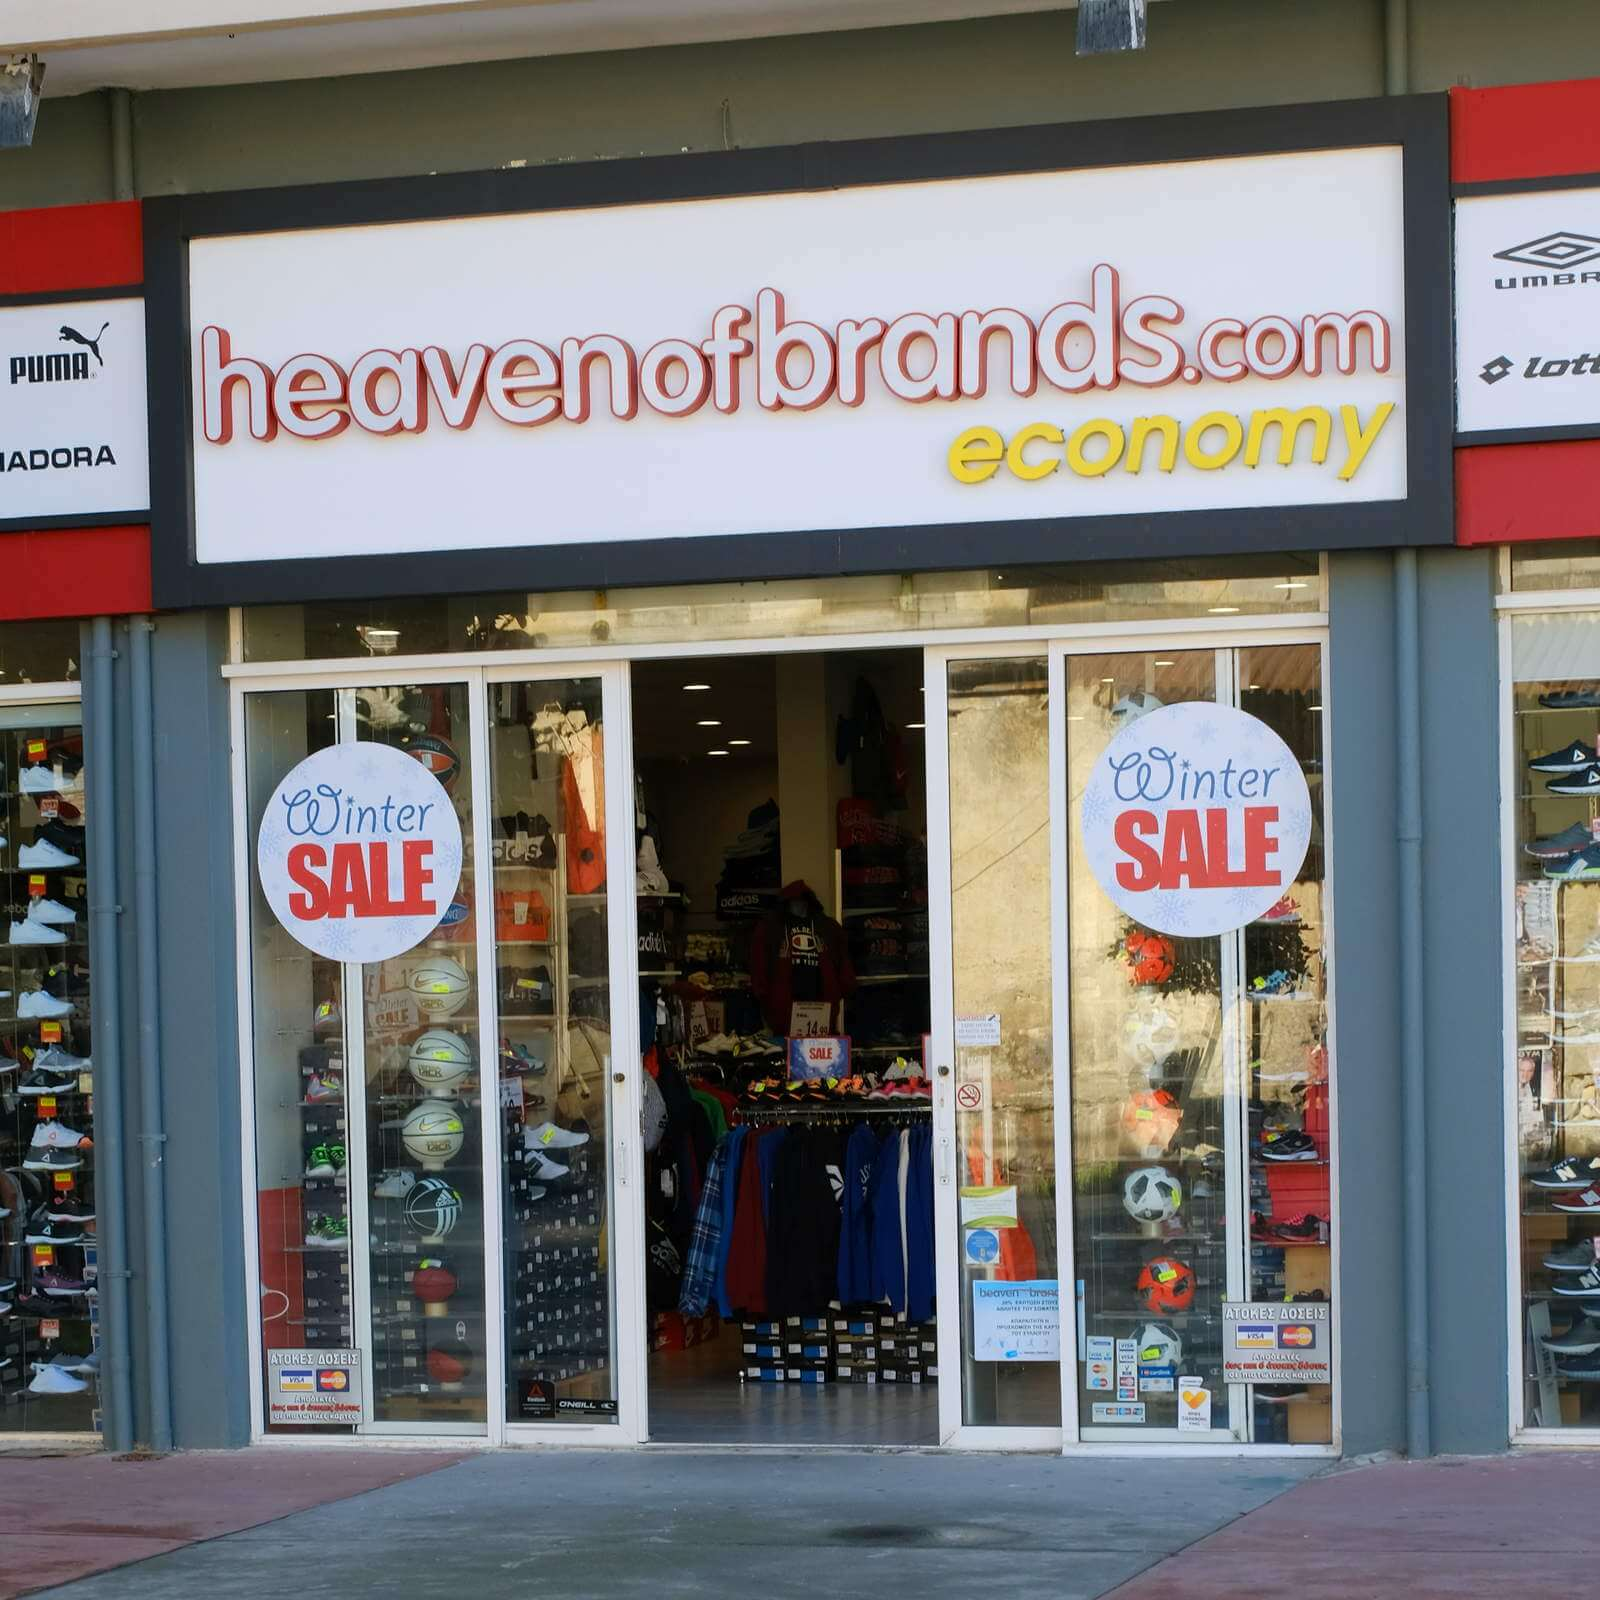 Στο Κατάστημα του Heaven Of Brands διακρίνουμε Φόρμες, Ποδοσφαιρικές Μπάλες, Παπούτσια και άλλα σε μεγάλες προσφορές.   YouBeHero